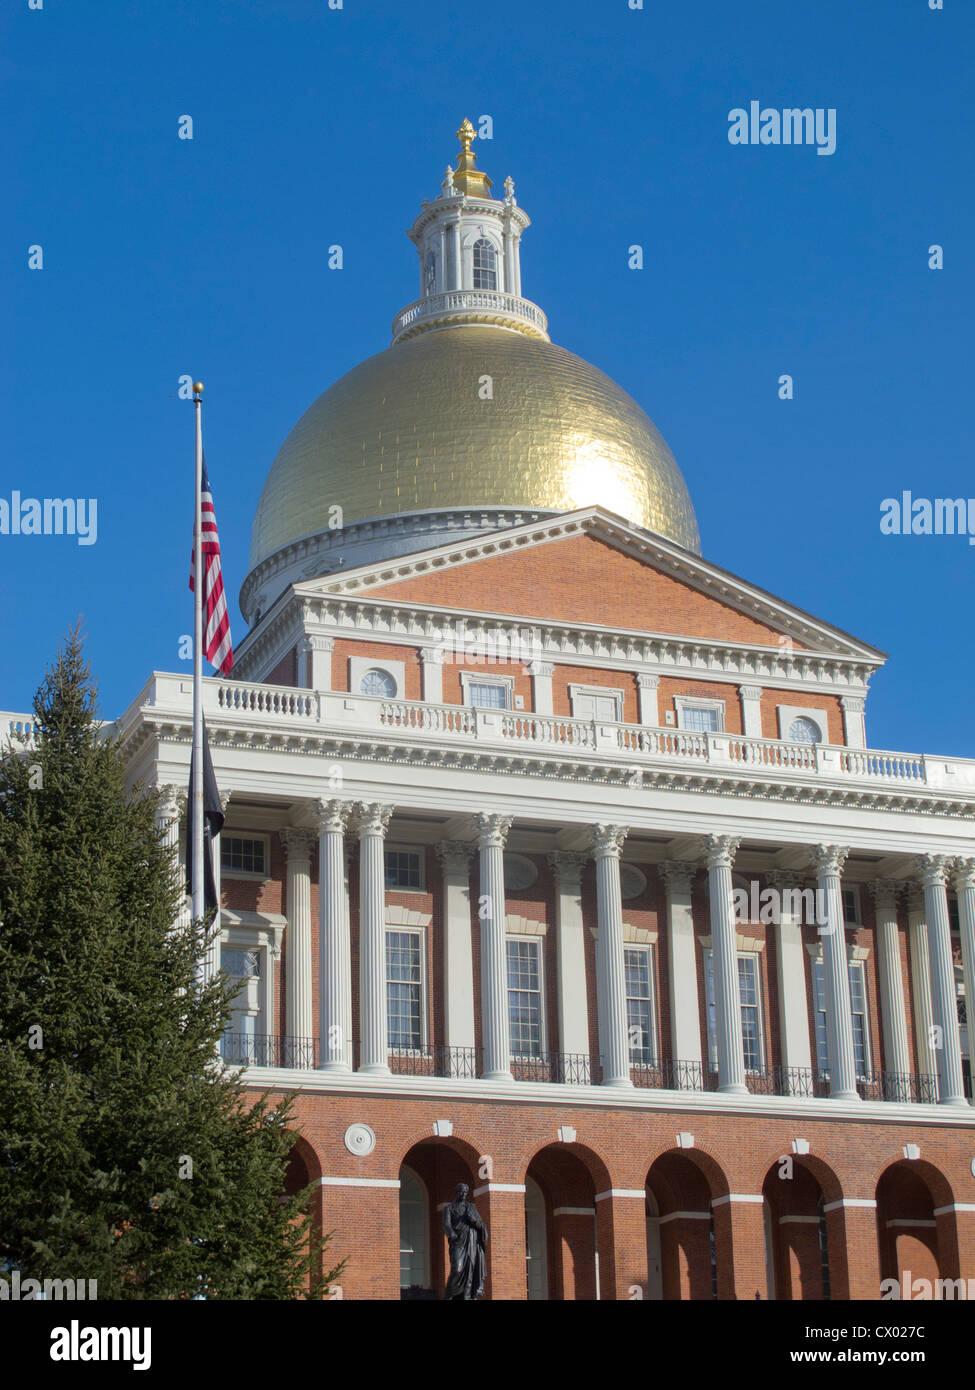 Massachusetts State House on Beacon Street in Boston Stock Photo